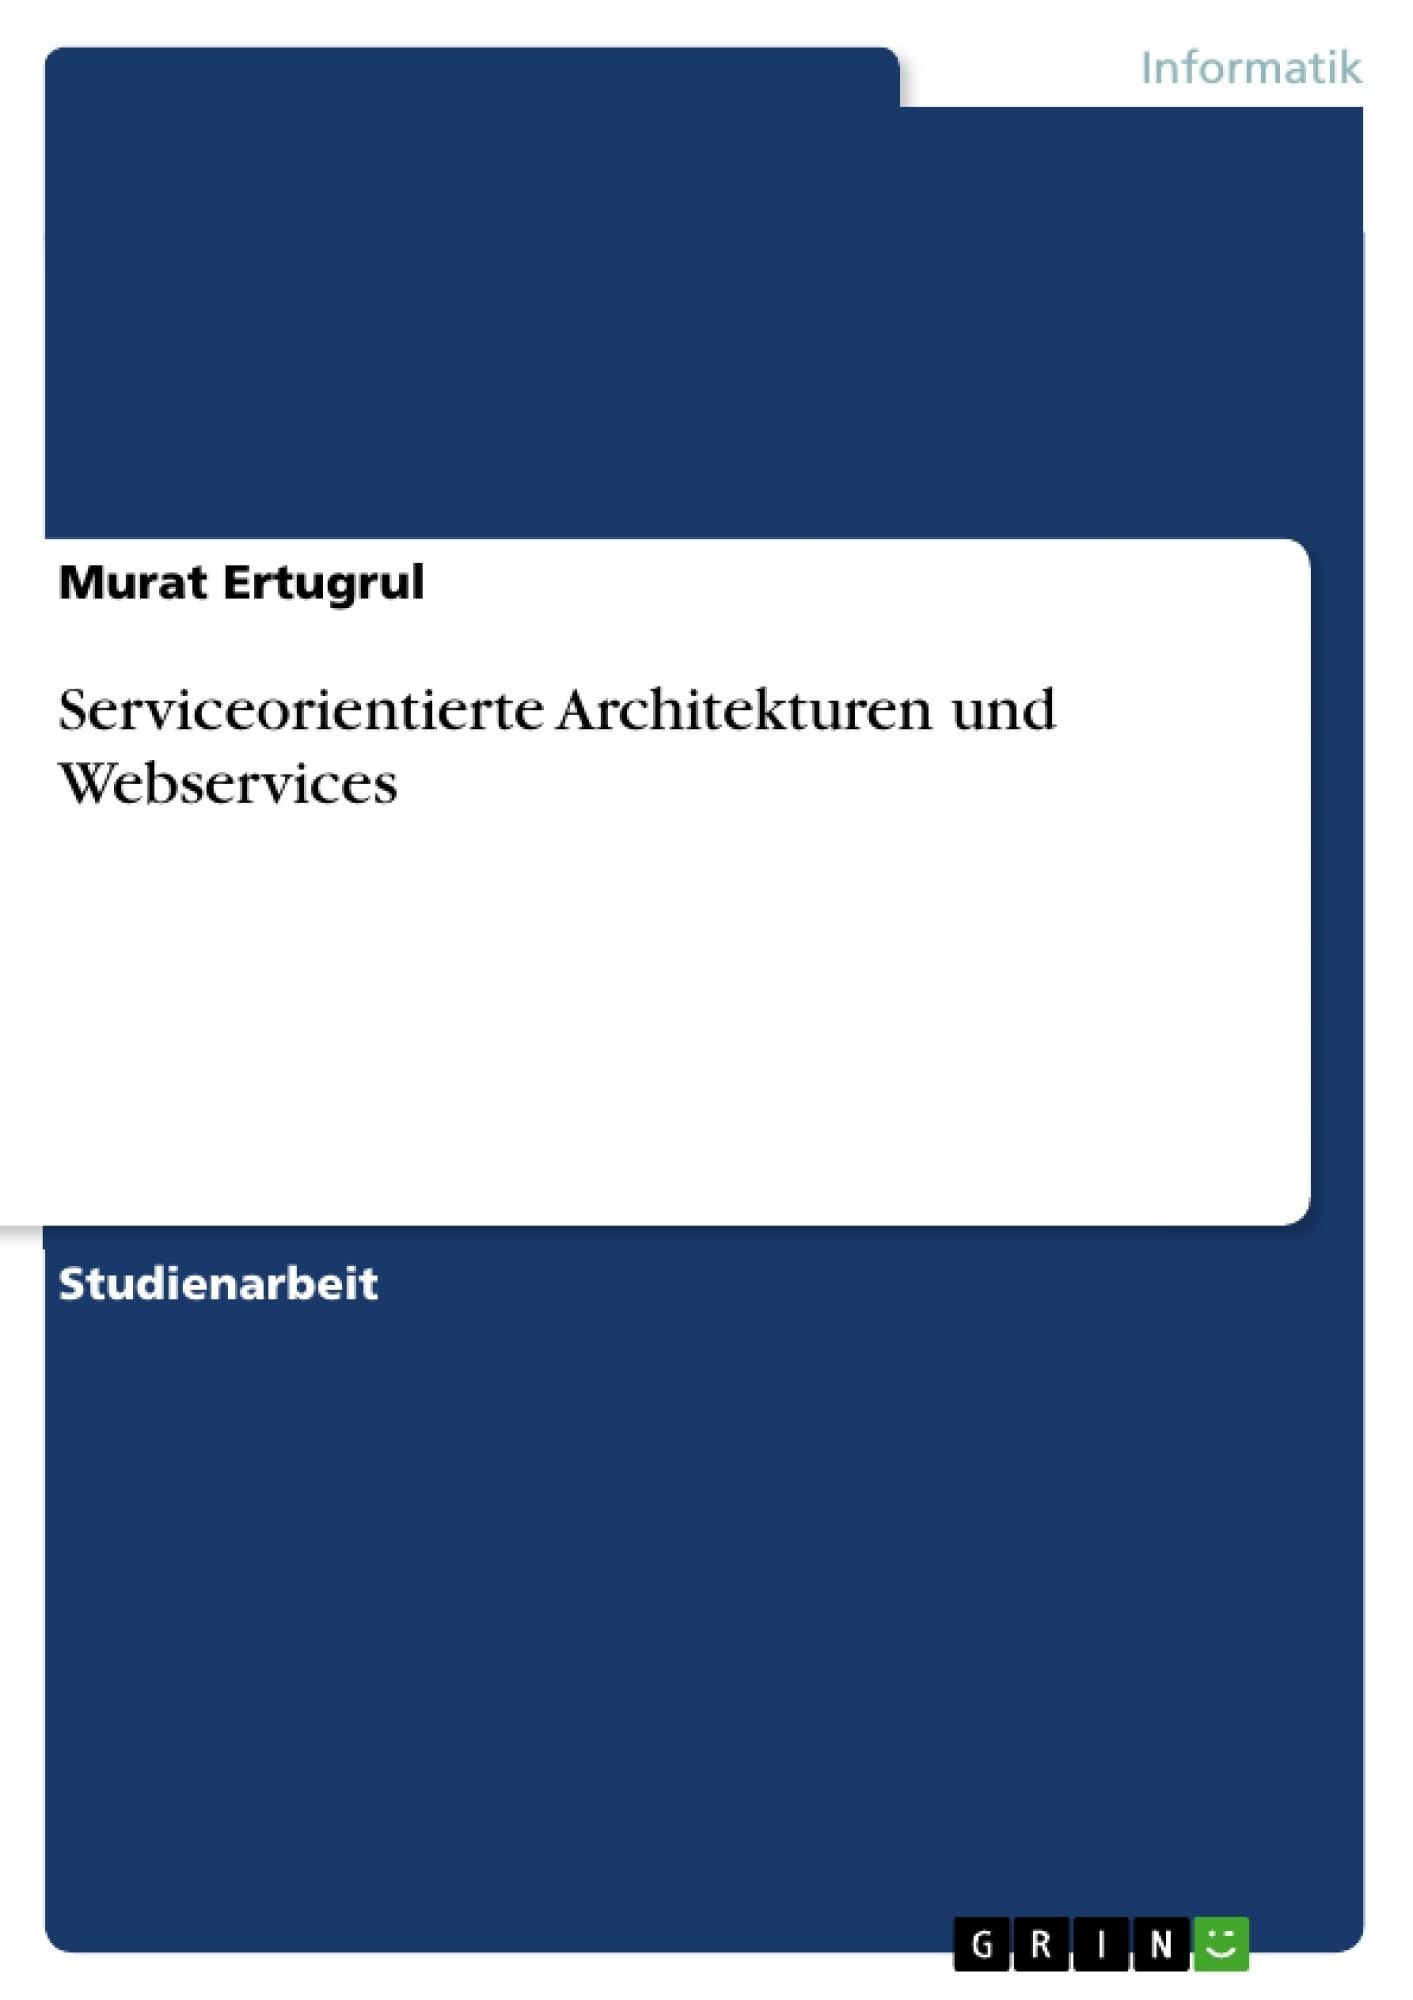 Titel: Serviceorientierte Architekturen und Webservices